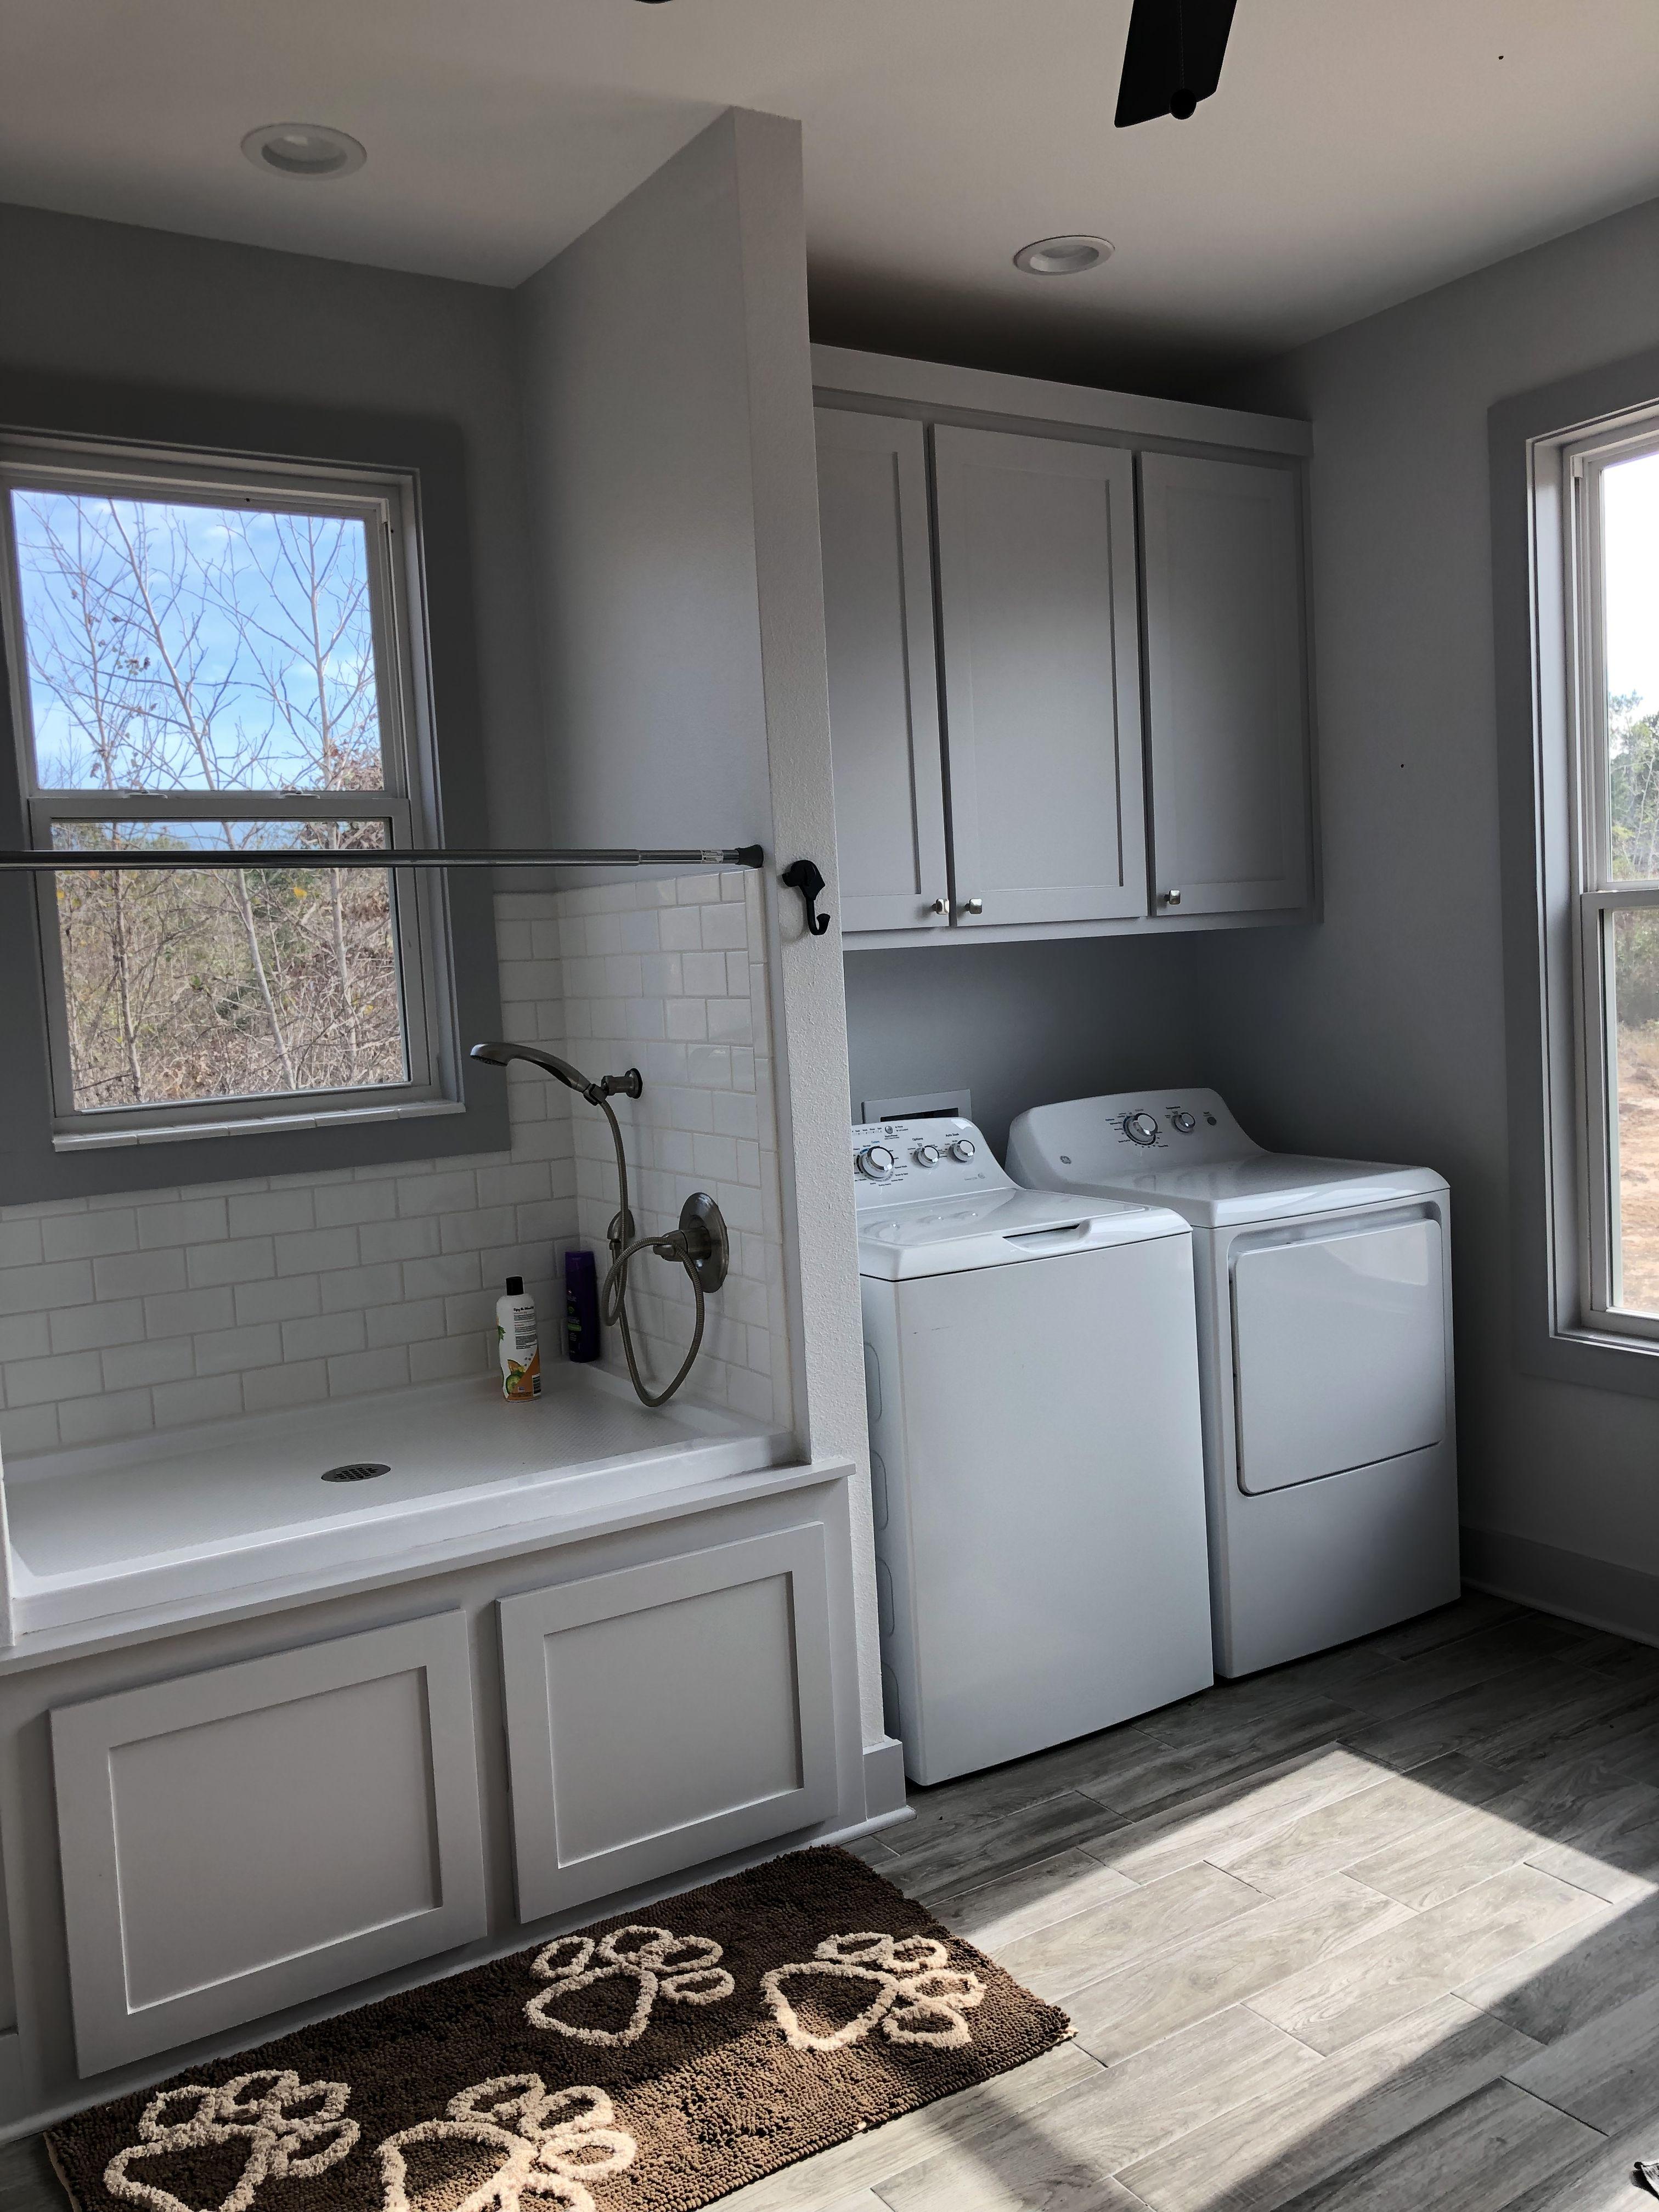 Laundrydog wash home appliances dog trot house dog